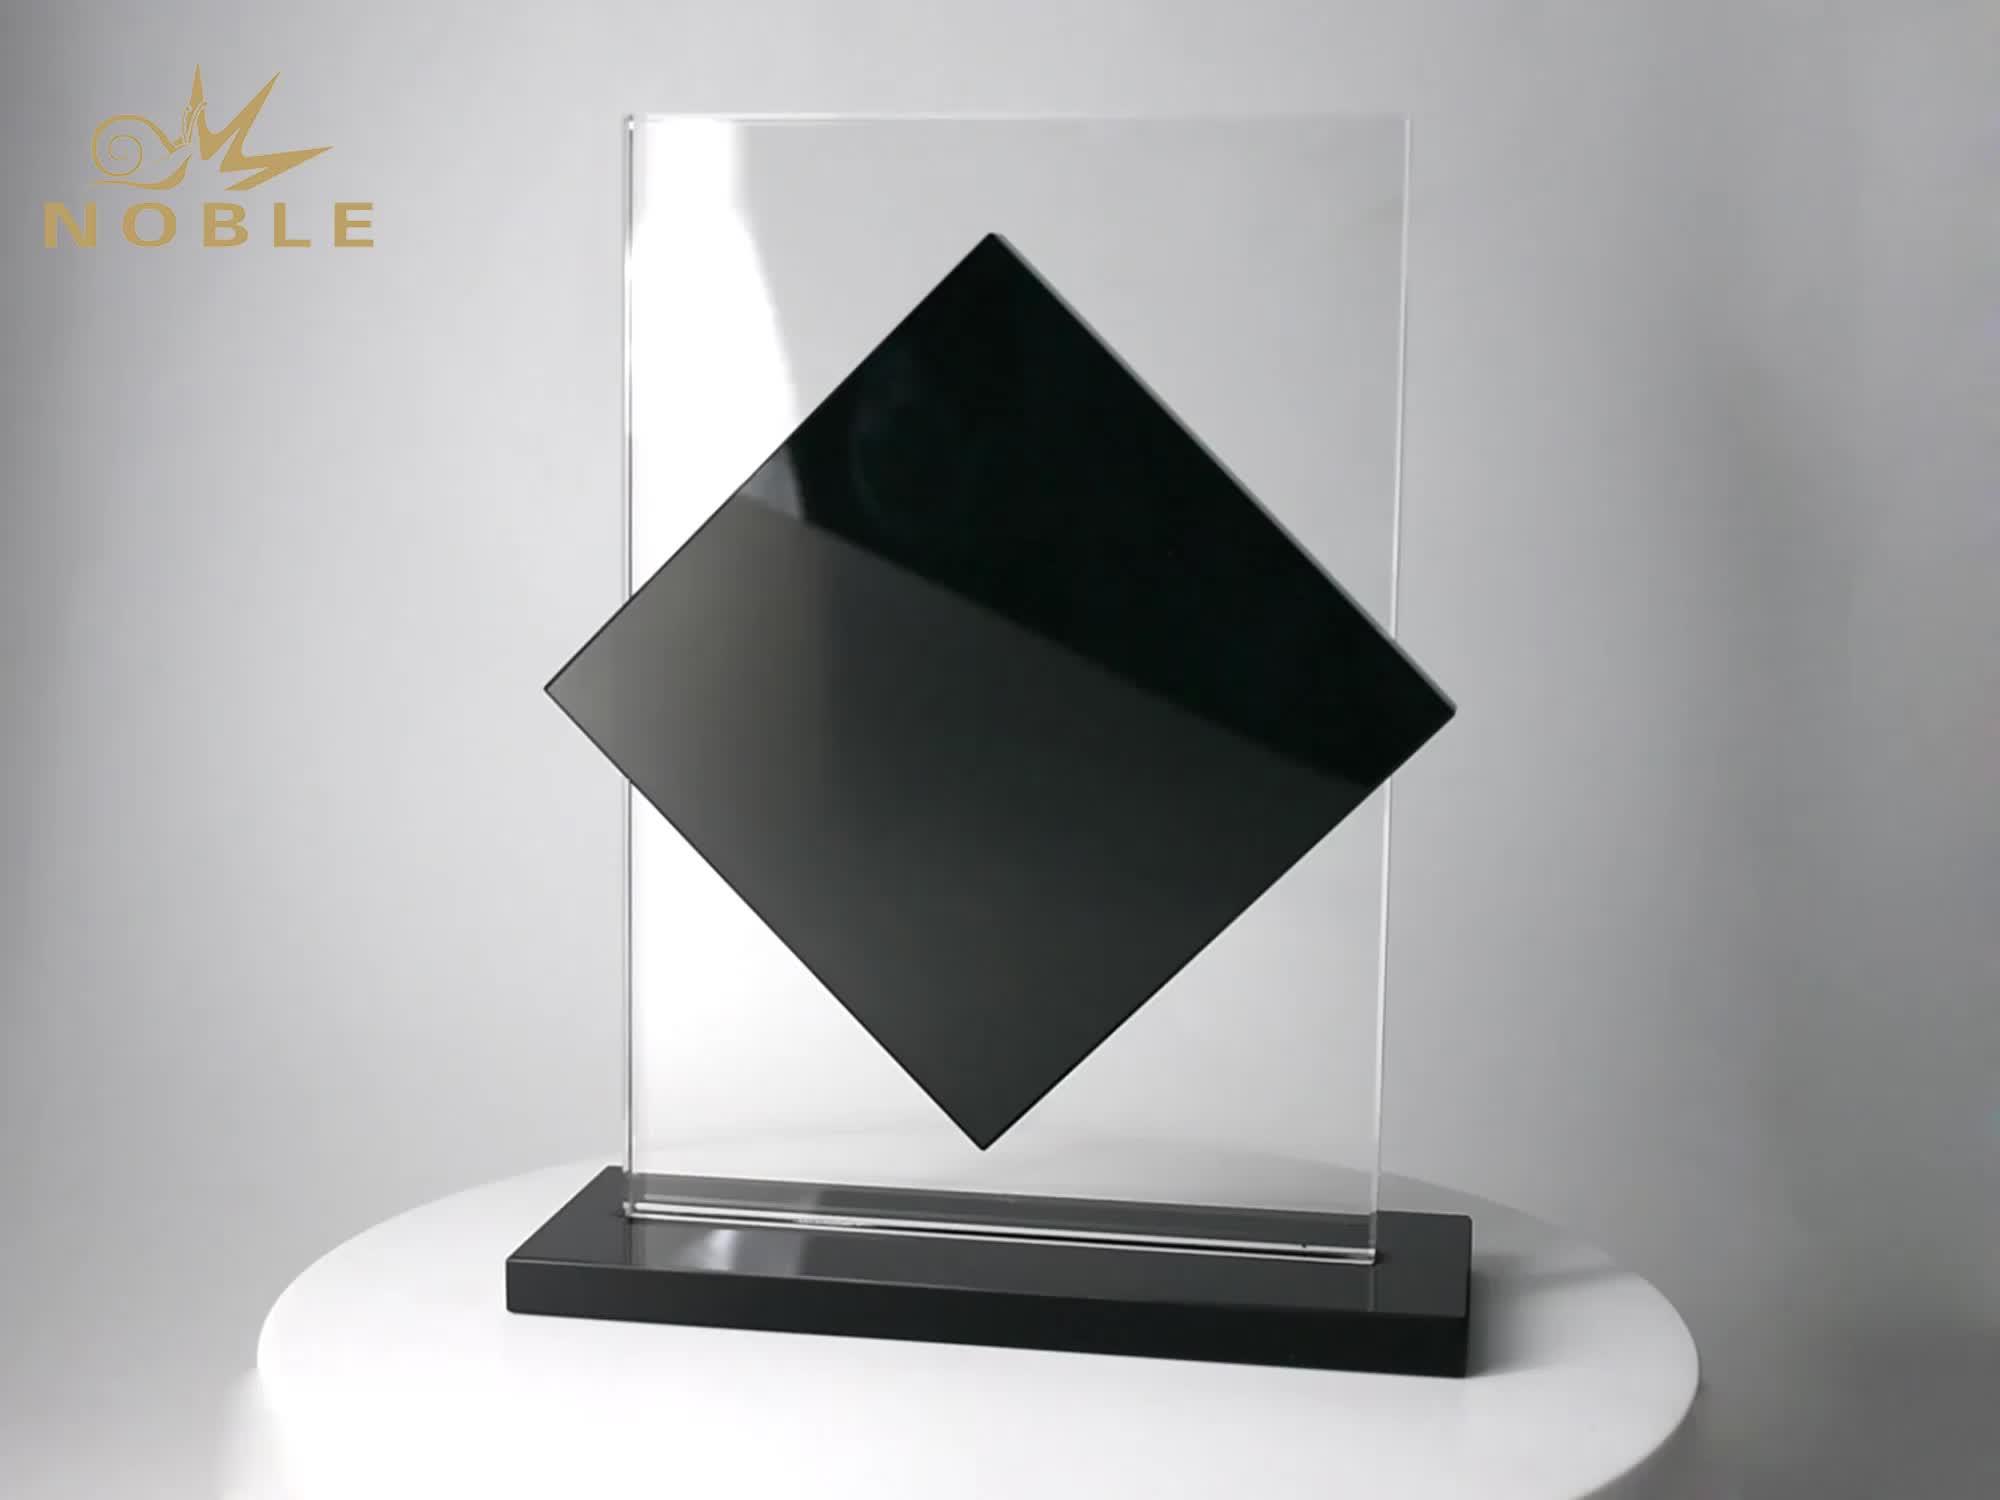 Noble personalizado al por mayor negro Base en blanco Premio trofeo de cristal